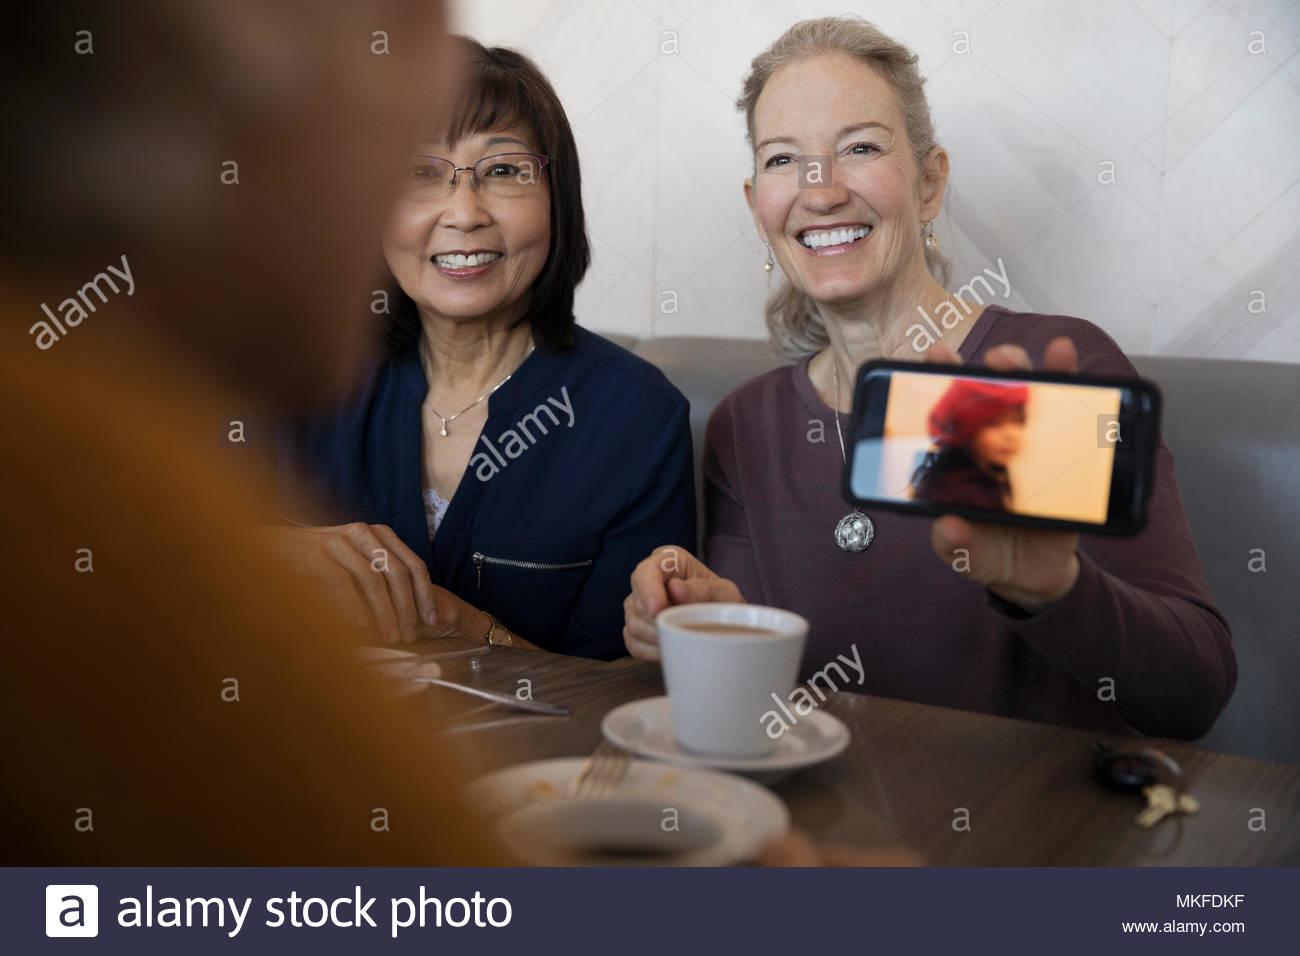 Fier senior woman with camera phone montrant photo de petite-fille à des amis Photo Stock